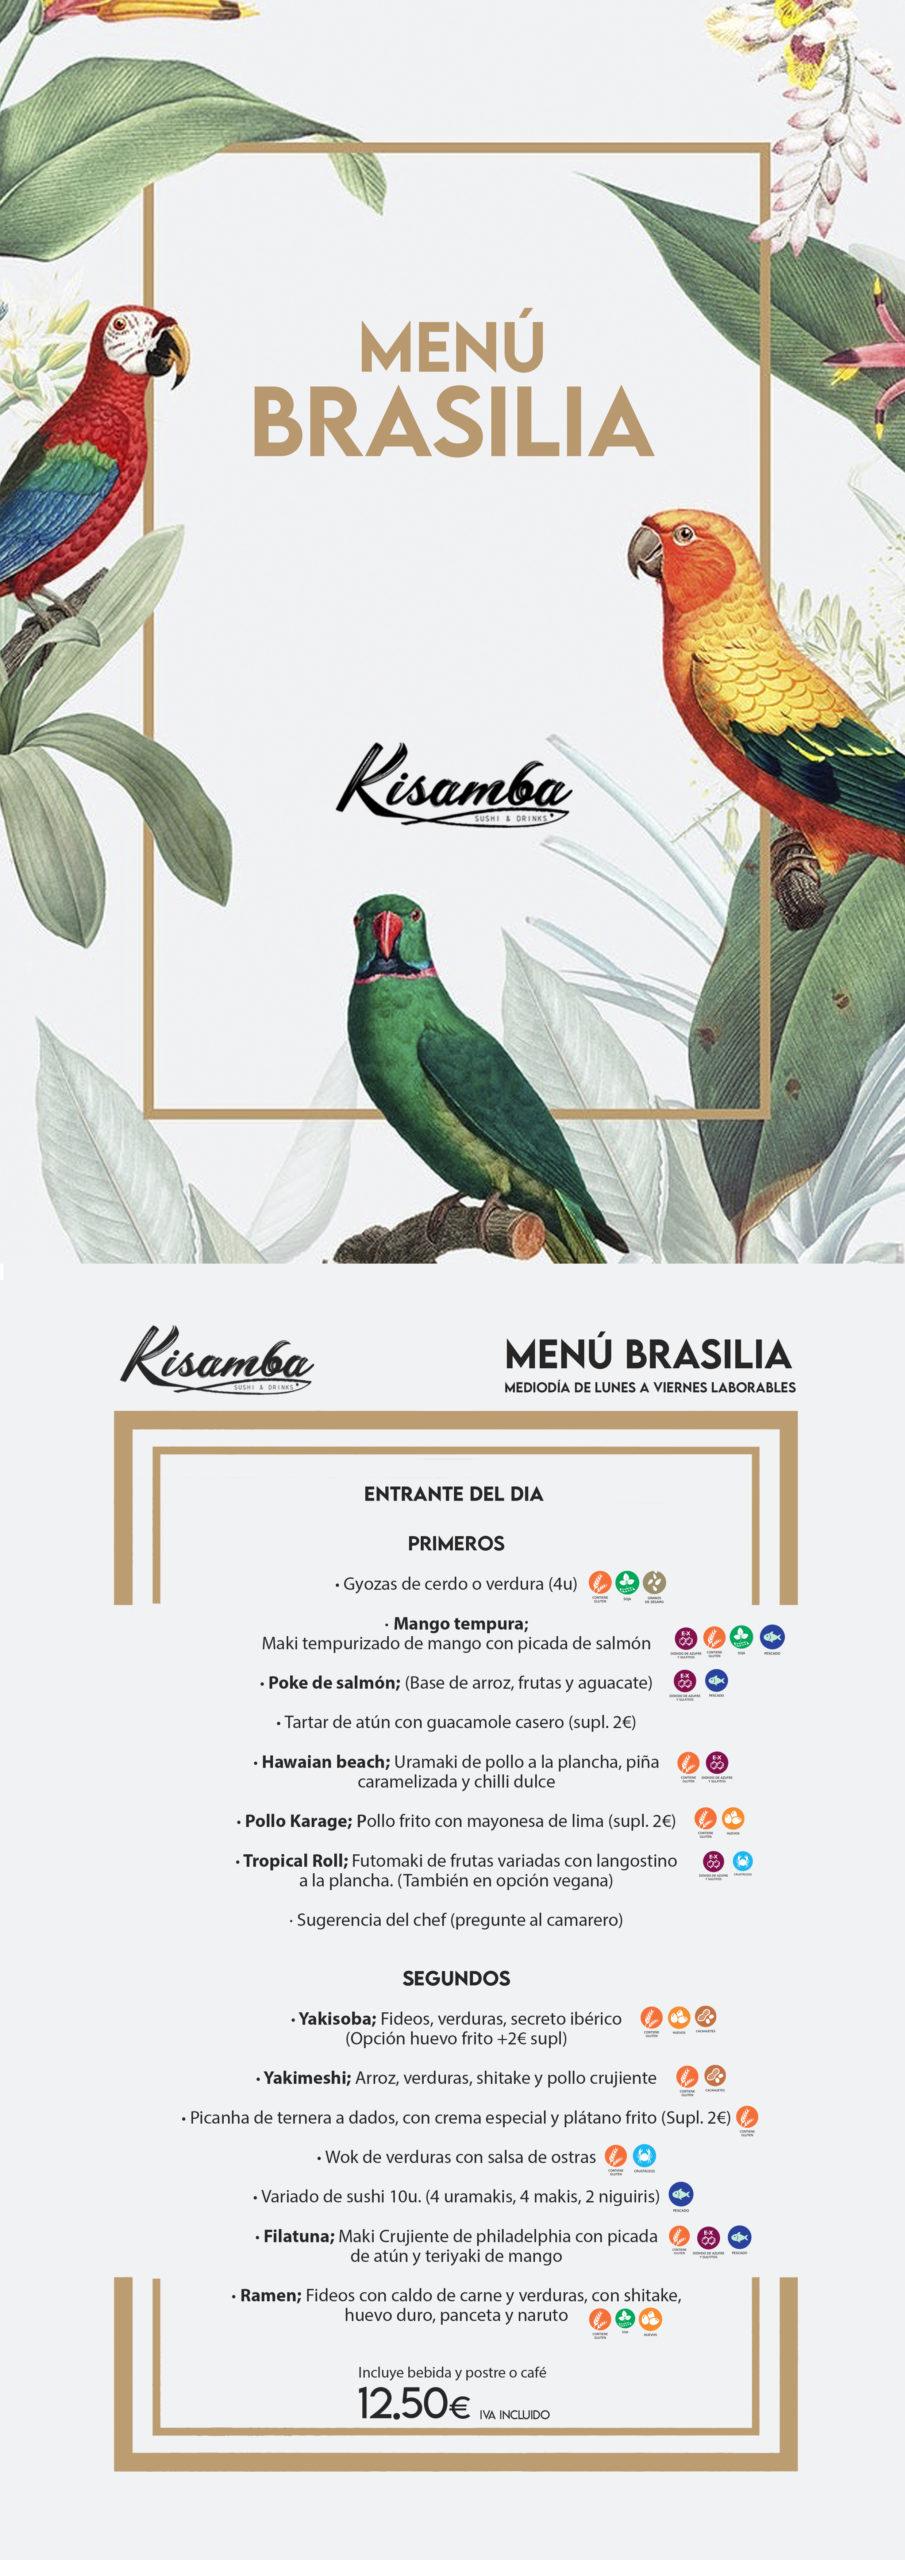 menu Brasilia mediodía